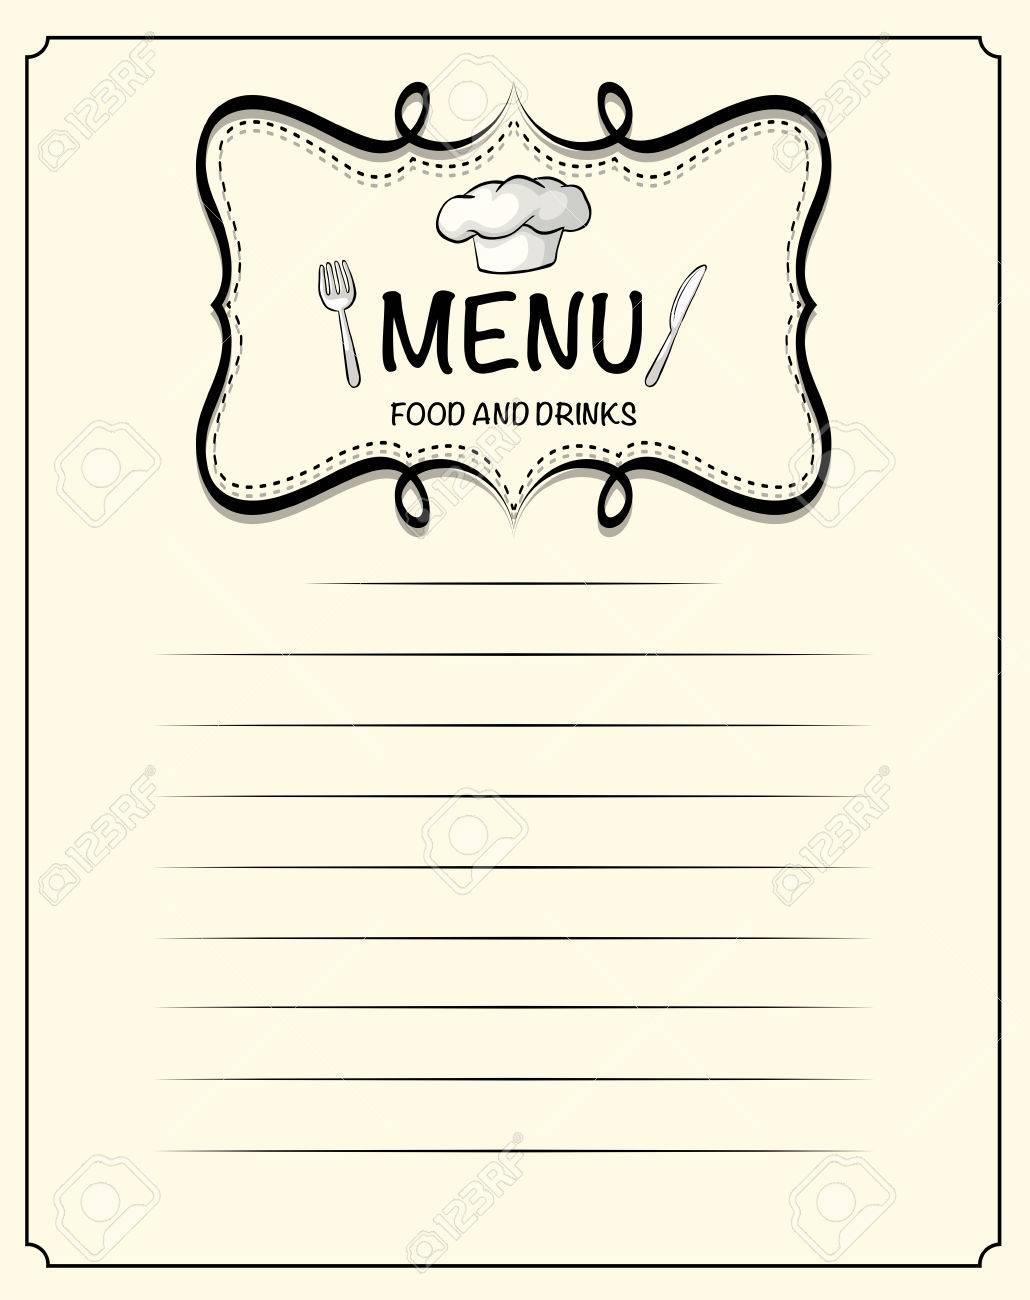 Linie-Papier-Design Mit Menü-Darstellung Lizenzfrei Nutzbare ...